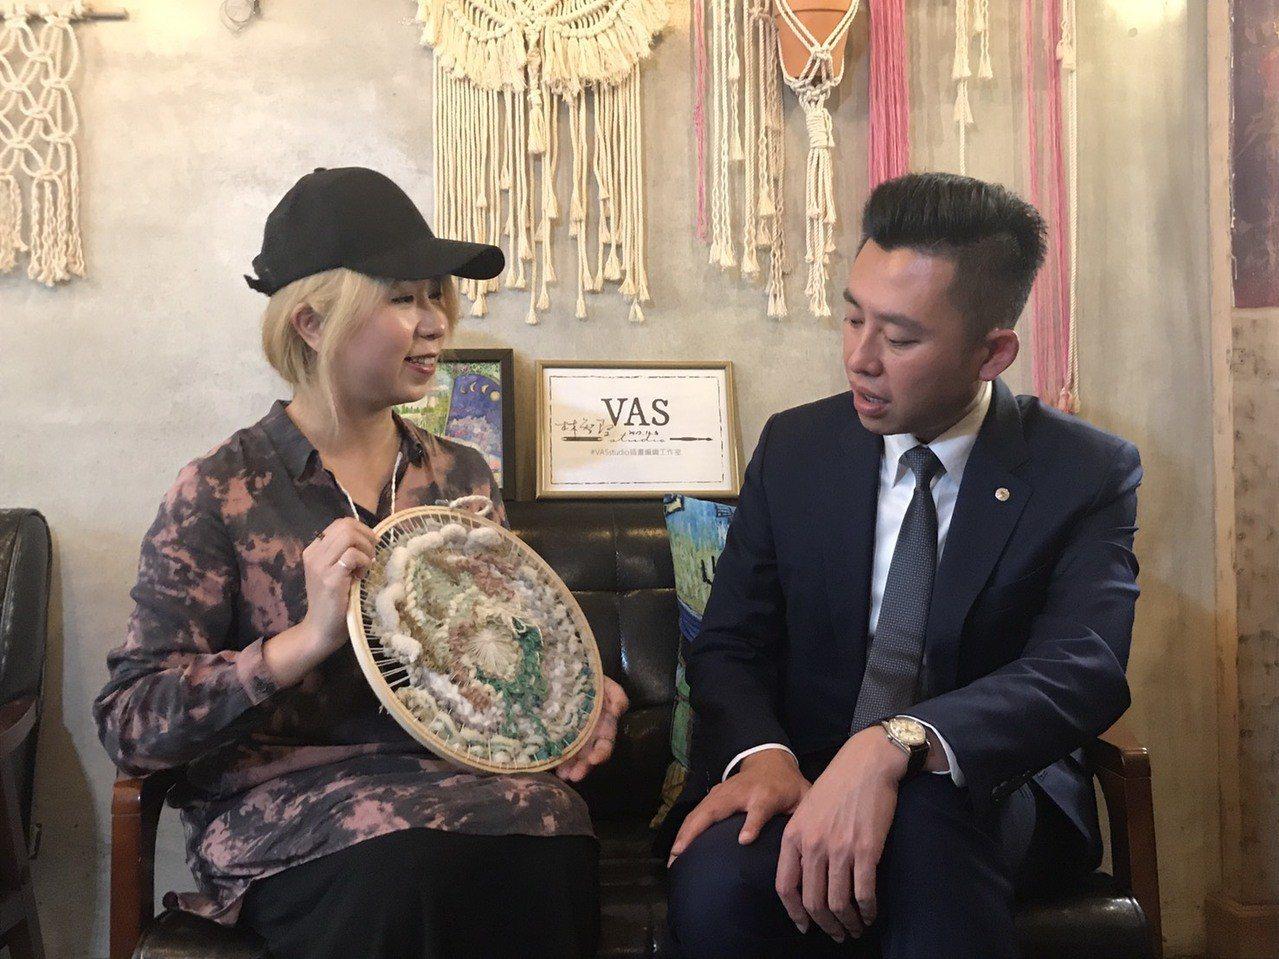 市長林智堅(右)與「飲室繪友」駐店藝術家了解作品。記者張雅婷/攝影